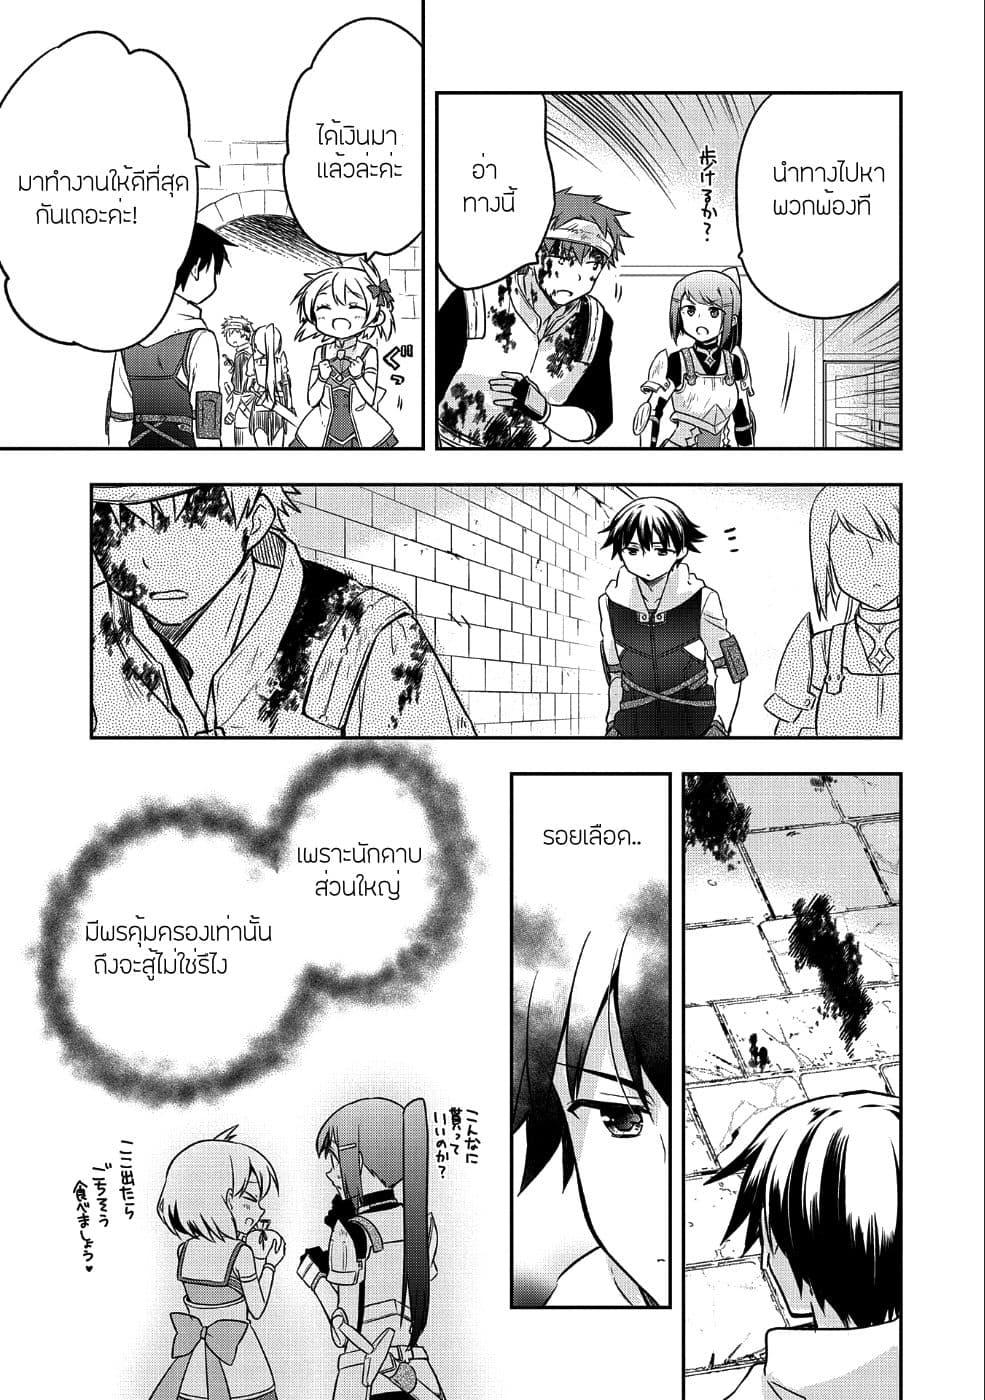 อ่านการ์ตูน Mushoku No Eiyuu Betsu Ni Skill Nanka Iranakatta Ndaga ตอนที่ 7 หน้าที่ 23